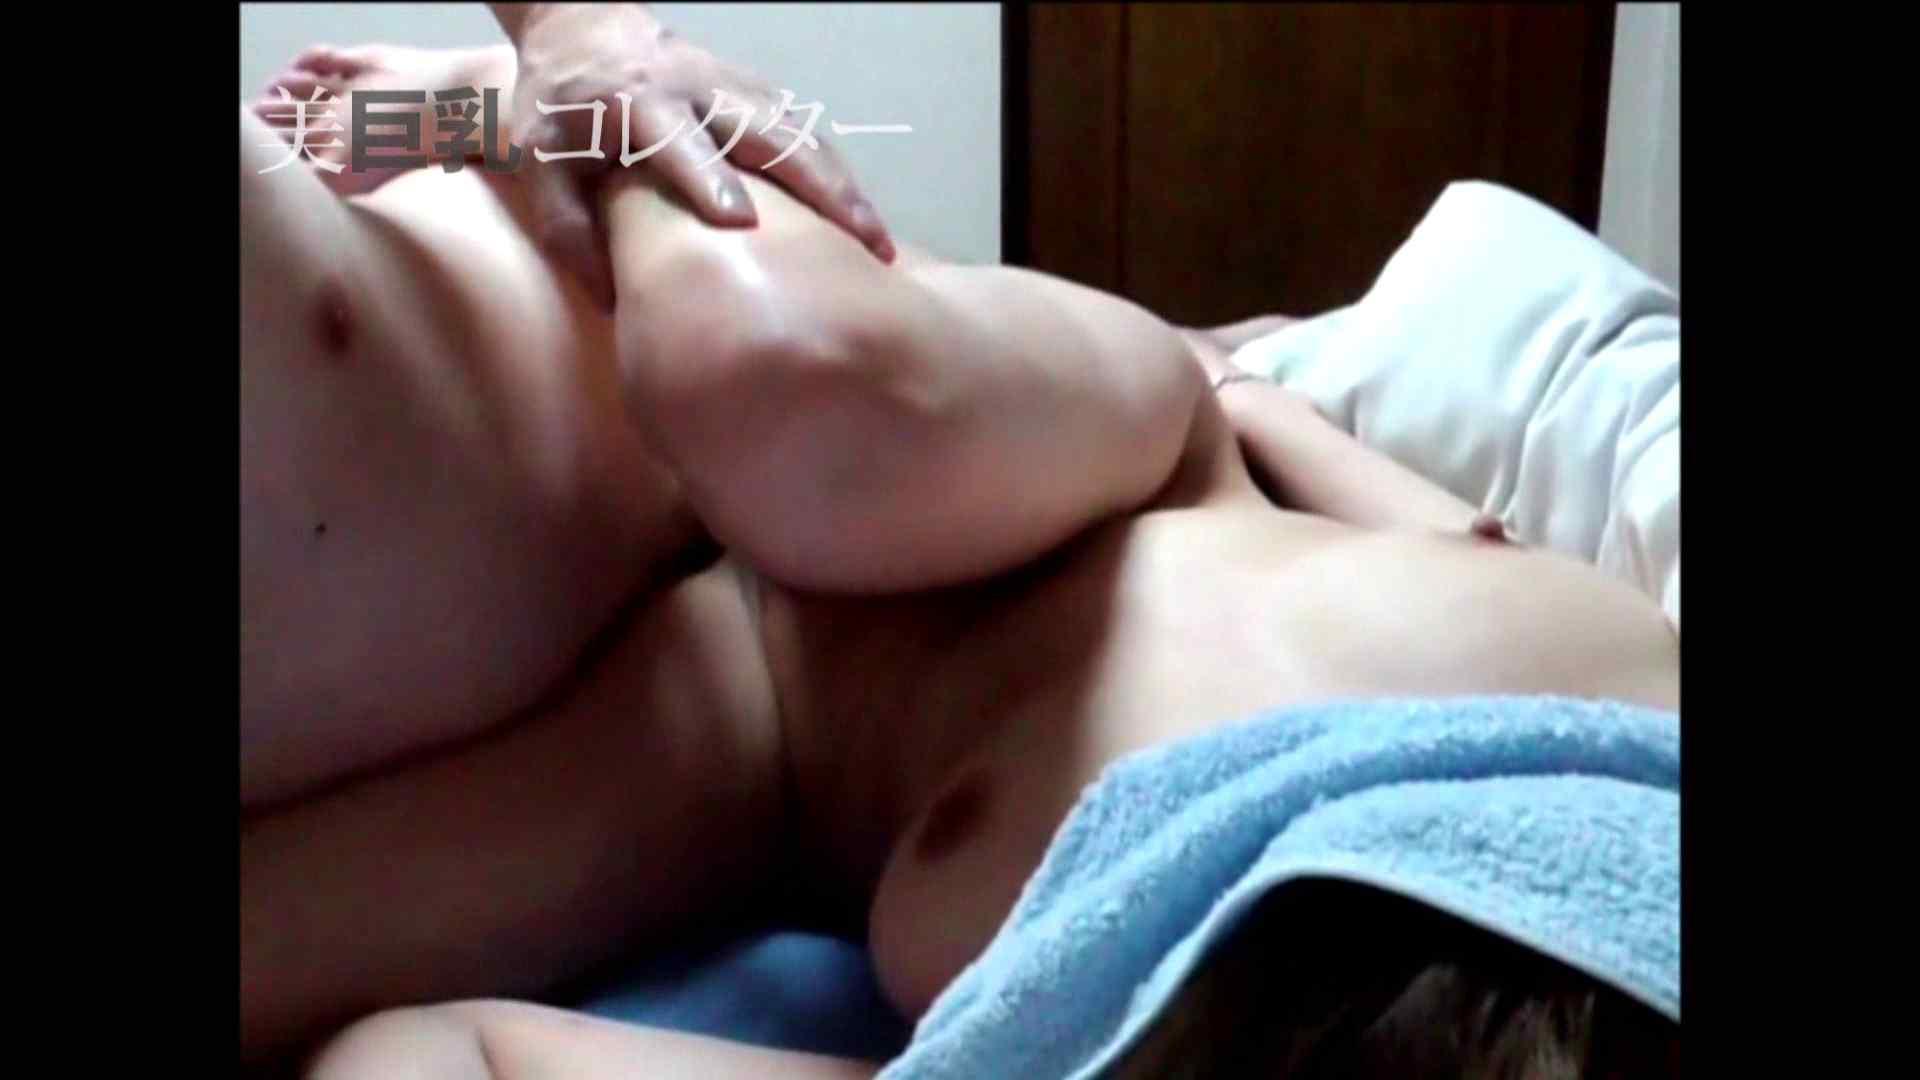 泥酔スレンダー巨乳美女3 一般投稿 すけべAV動画紹介 106枚 29